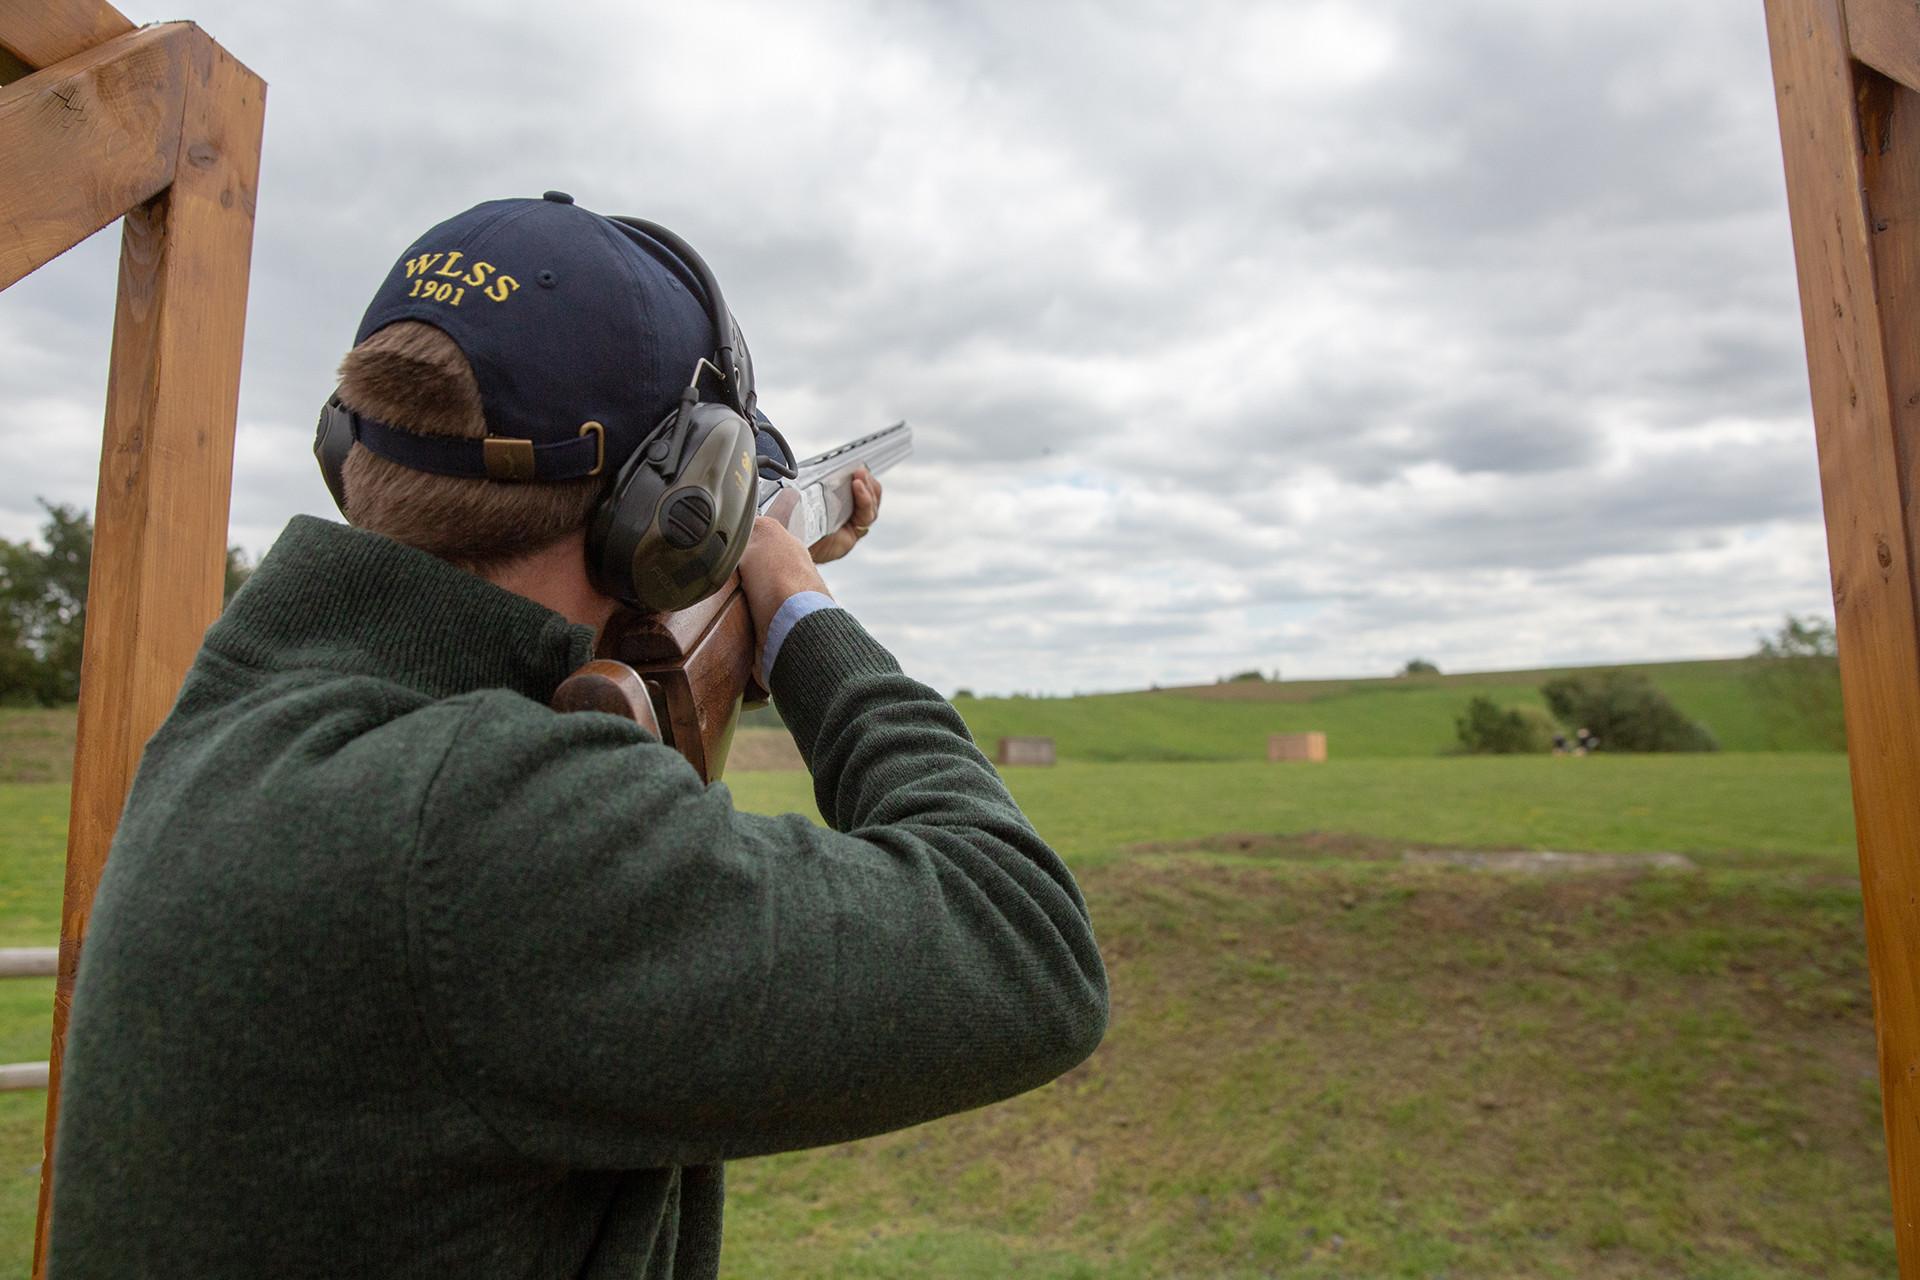 West London Shooting School